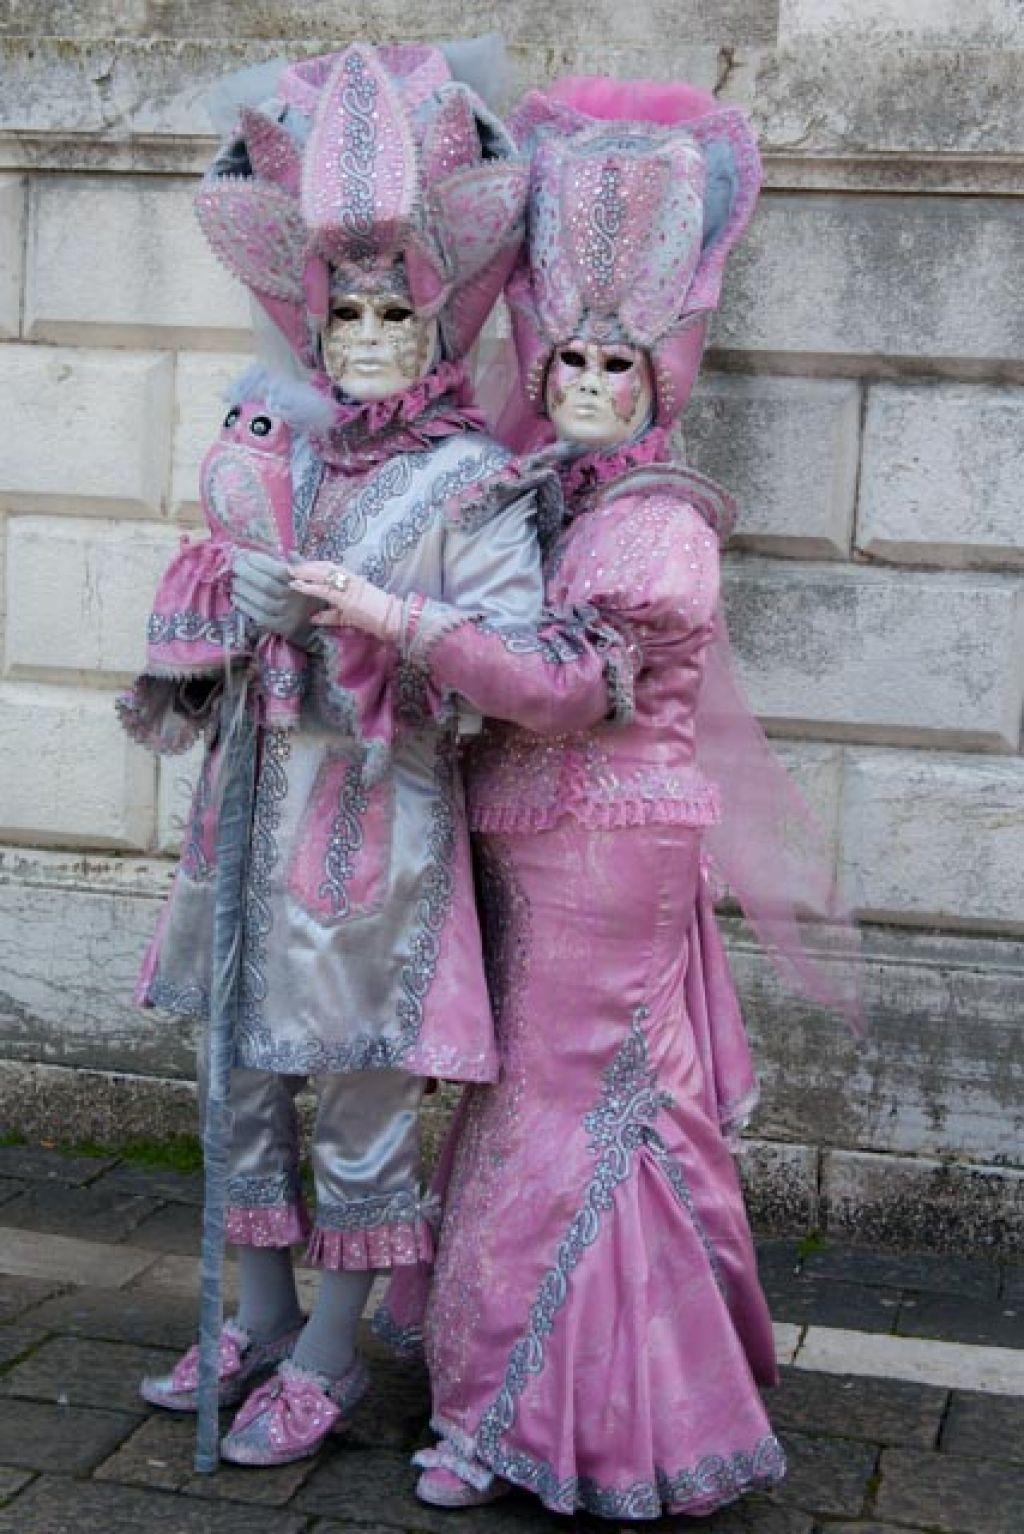 venice carnival7 Carnival Costumes at Santa Maria della Salute